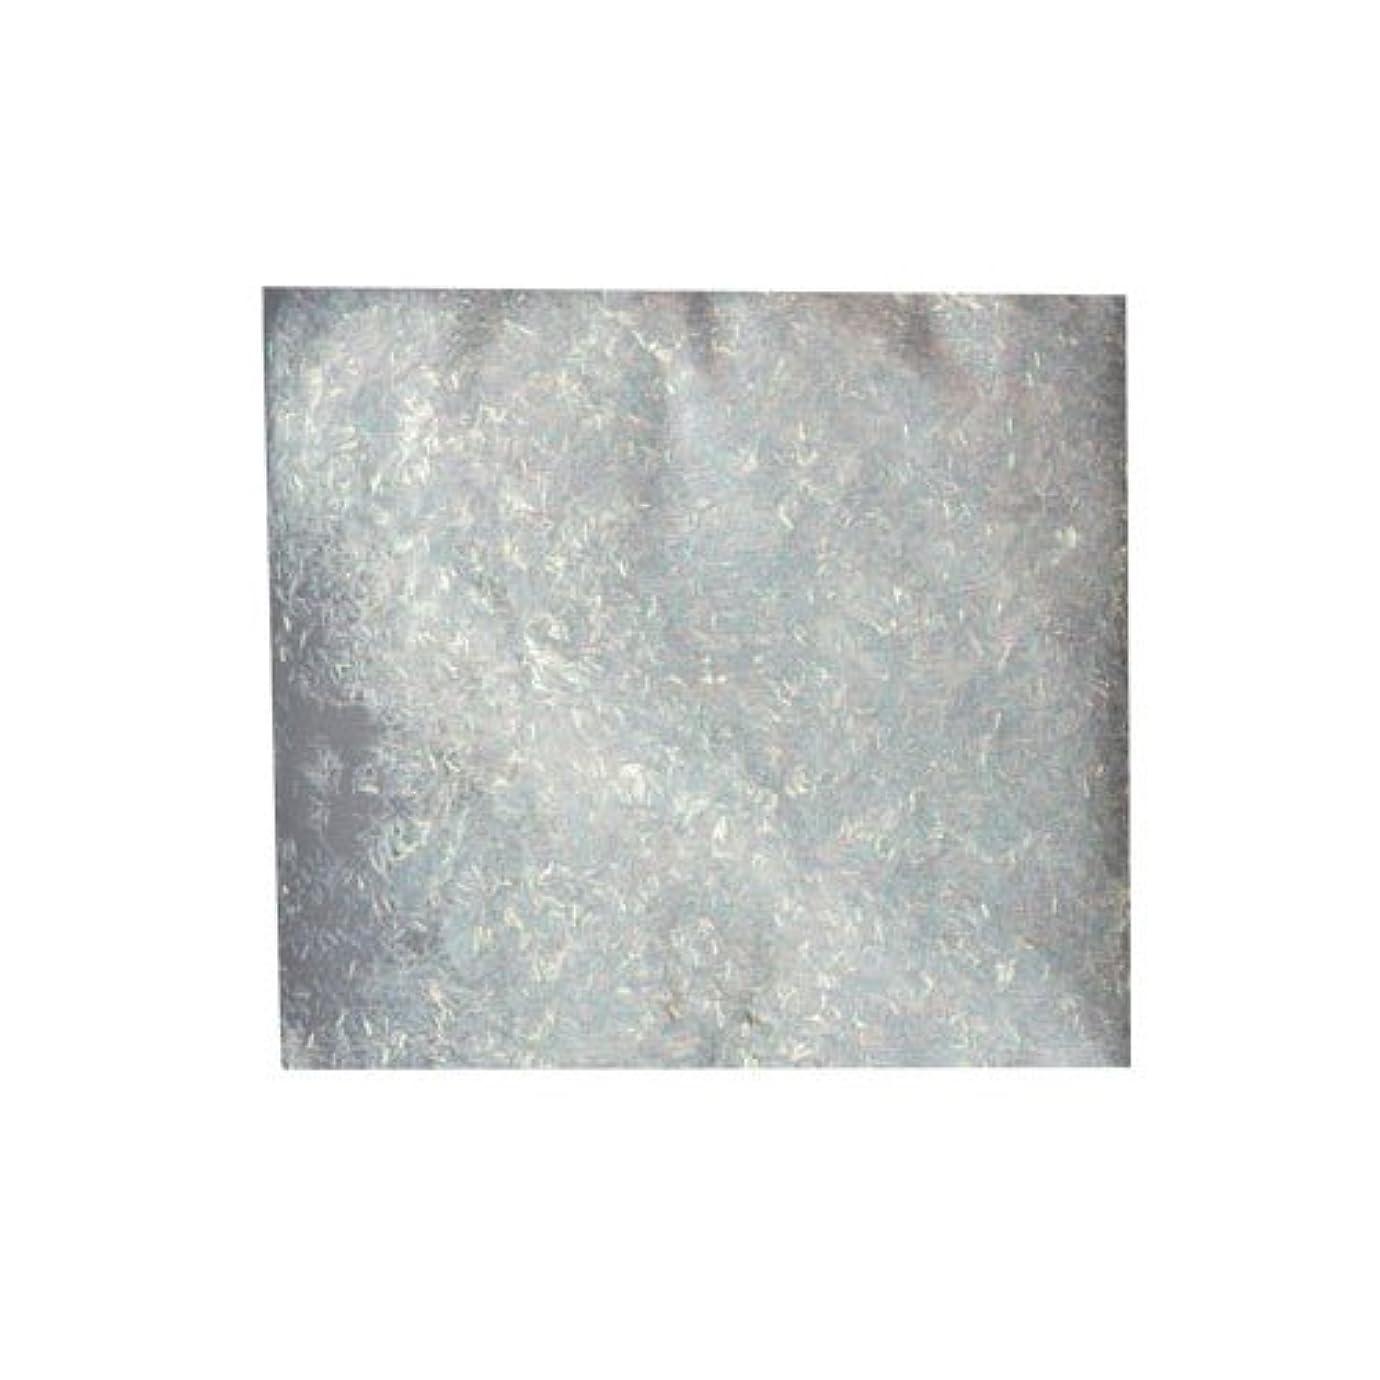 トラフィック鋸歯状バーベキューピカエース ネイル用パウダー チャンキーオーロラ #683 Wブロンズ 0.7g